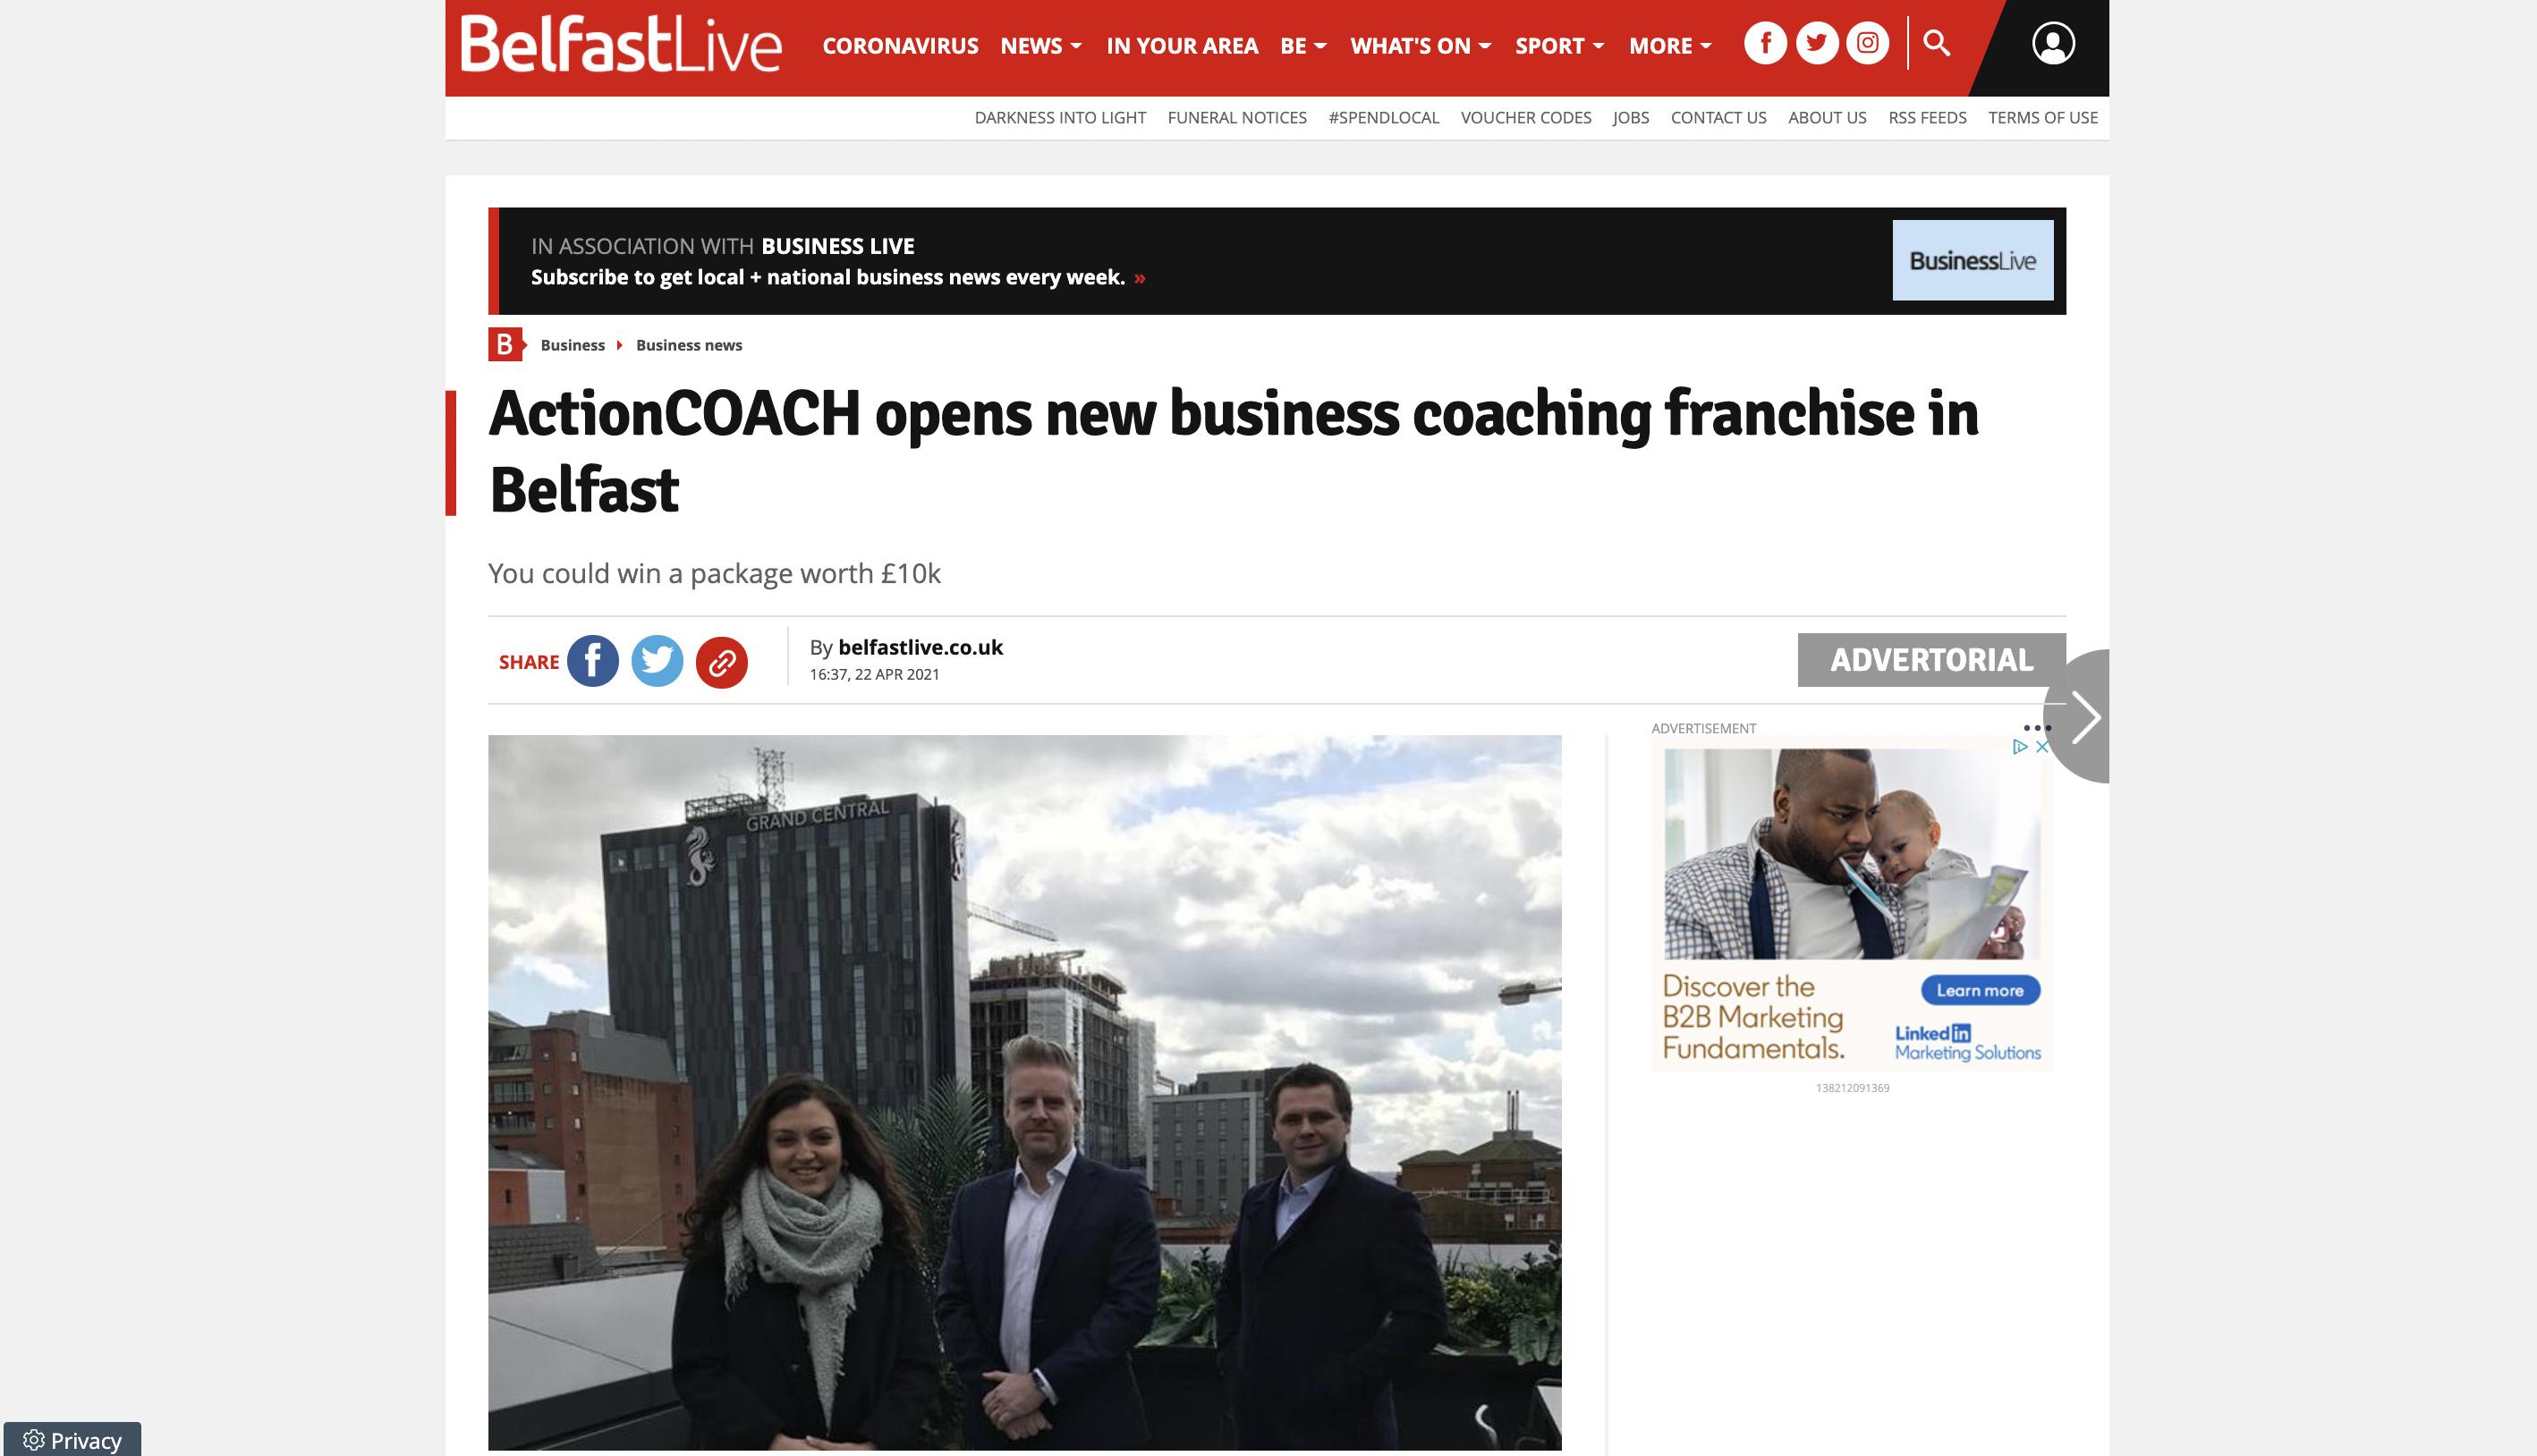 screenshot of actioncoach belfast featured in belfast live